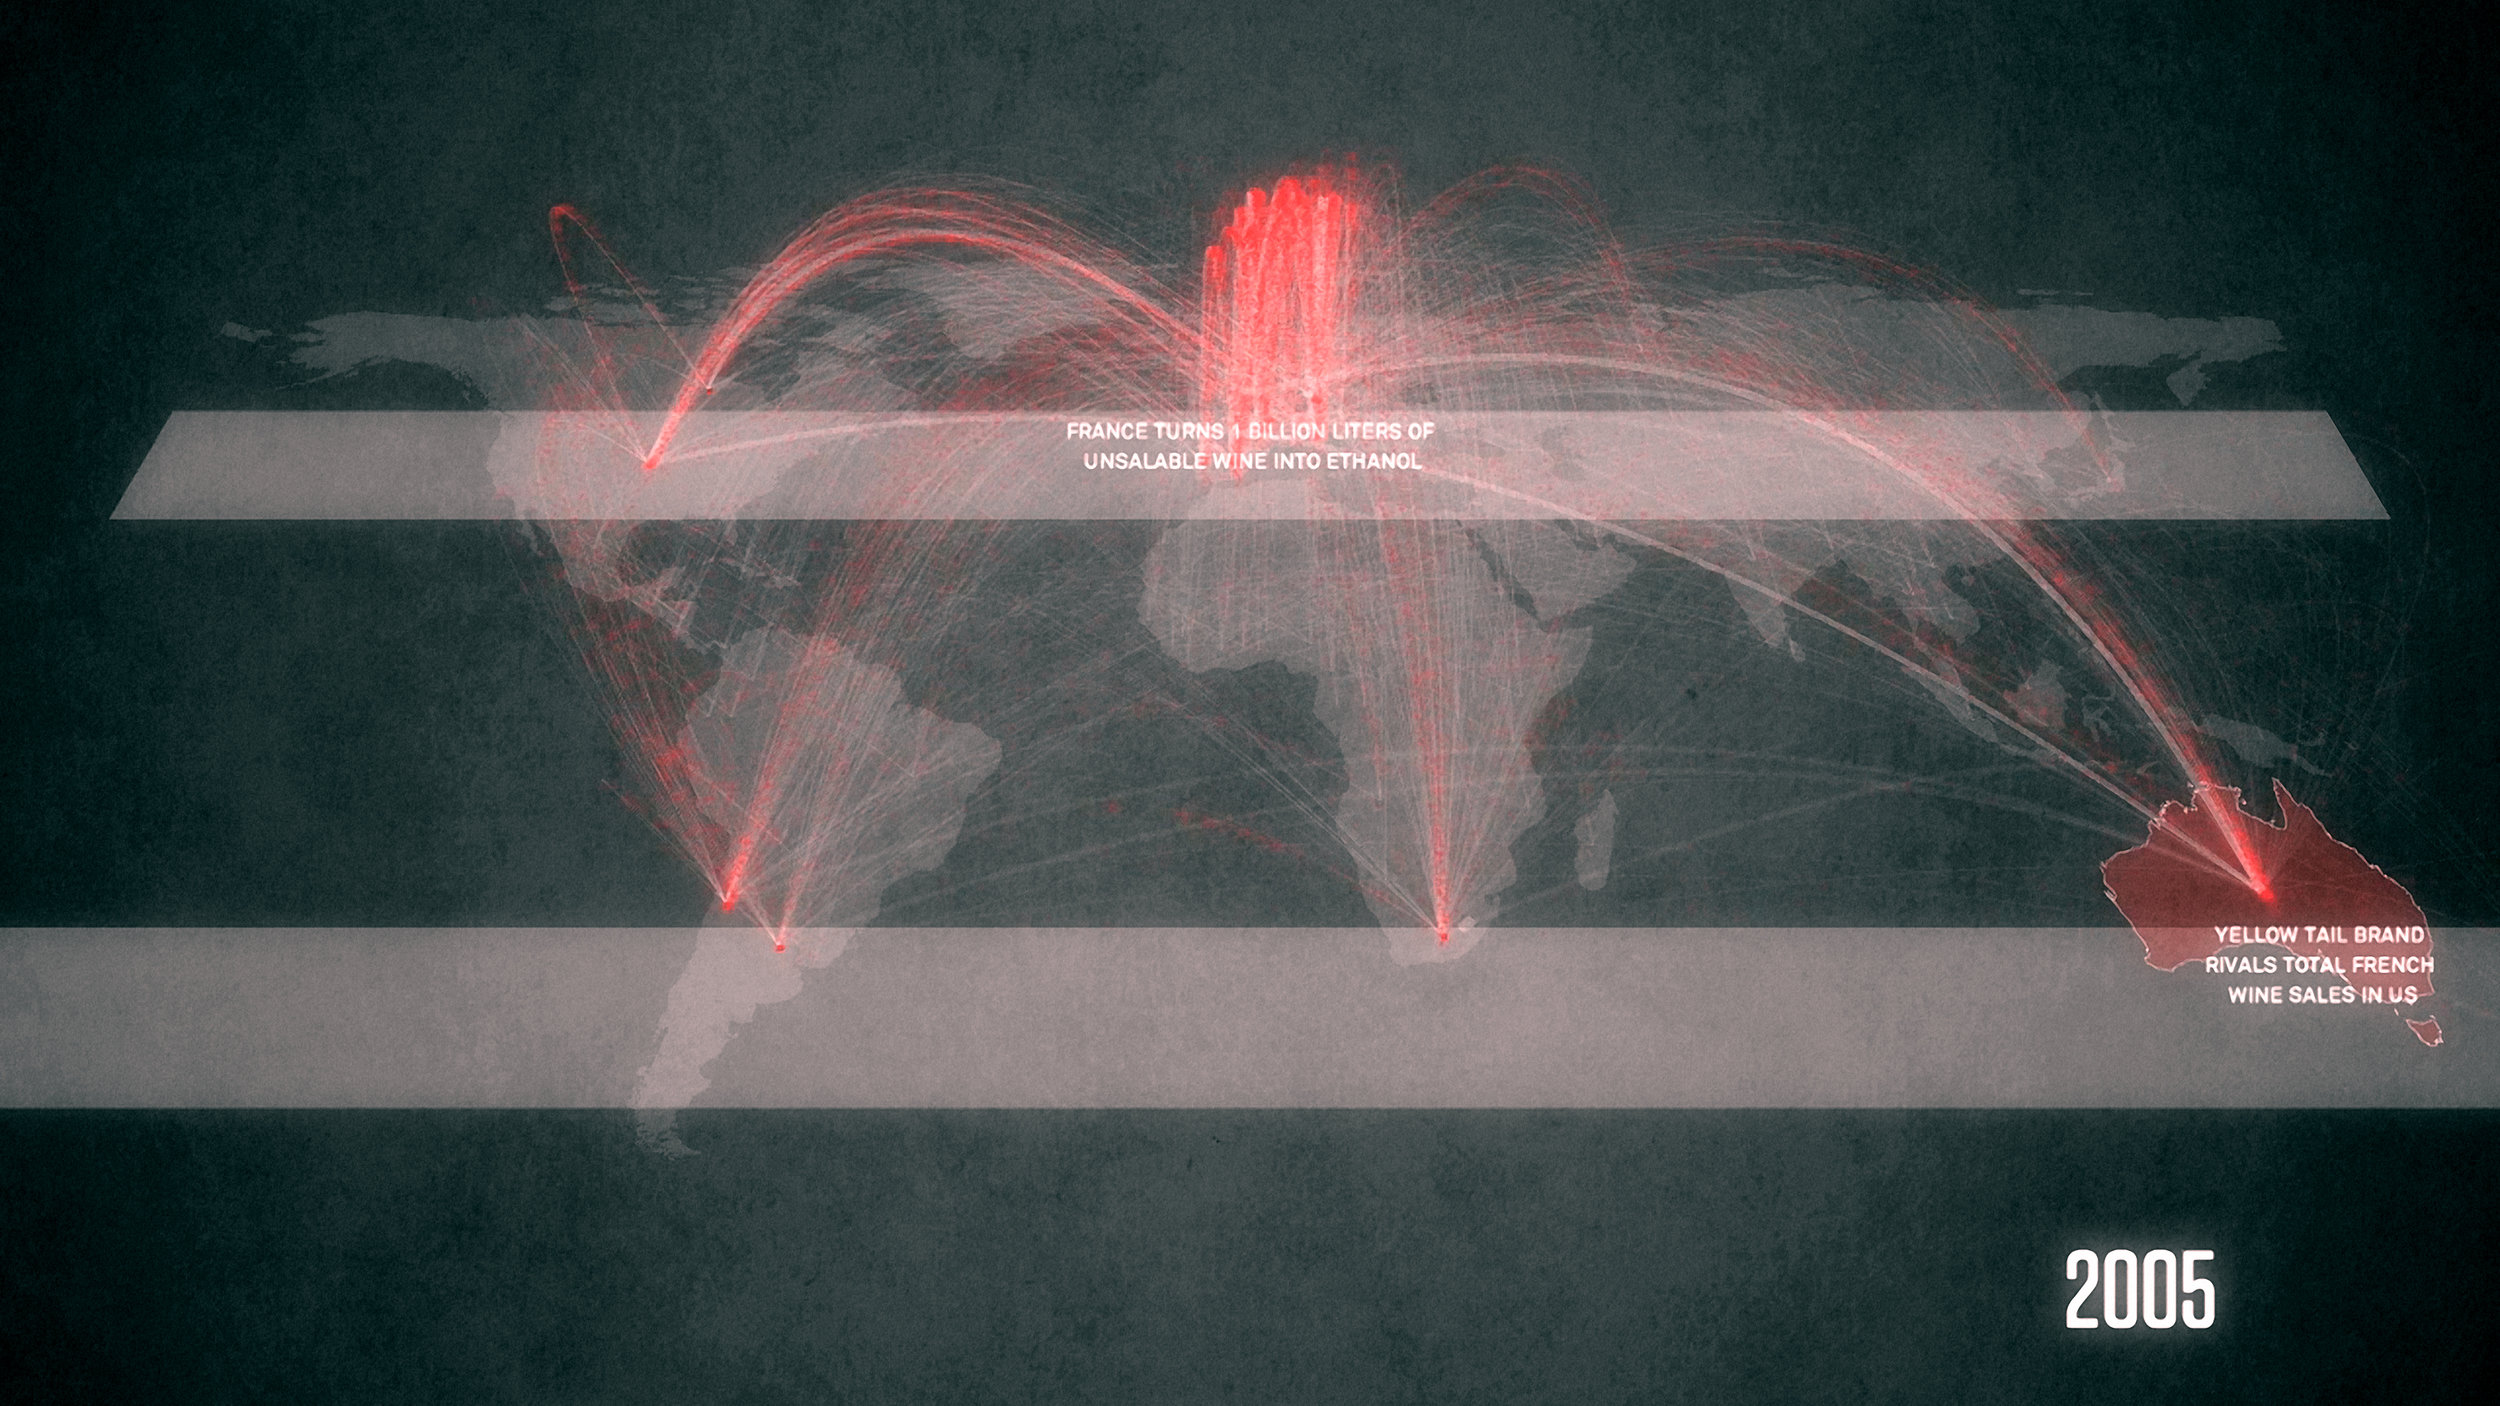 wo-undervine-undervine_content_stills_09.jpg